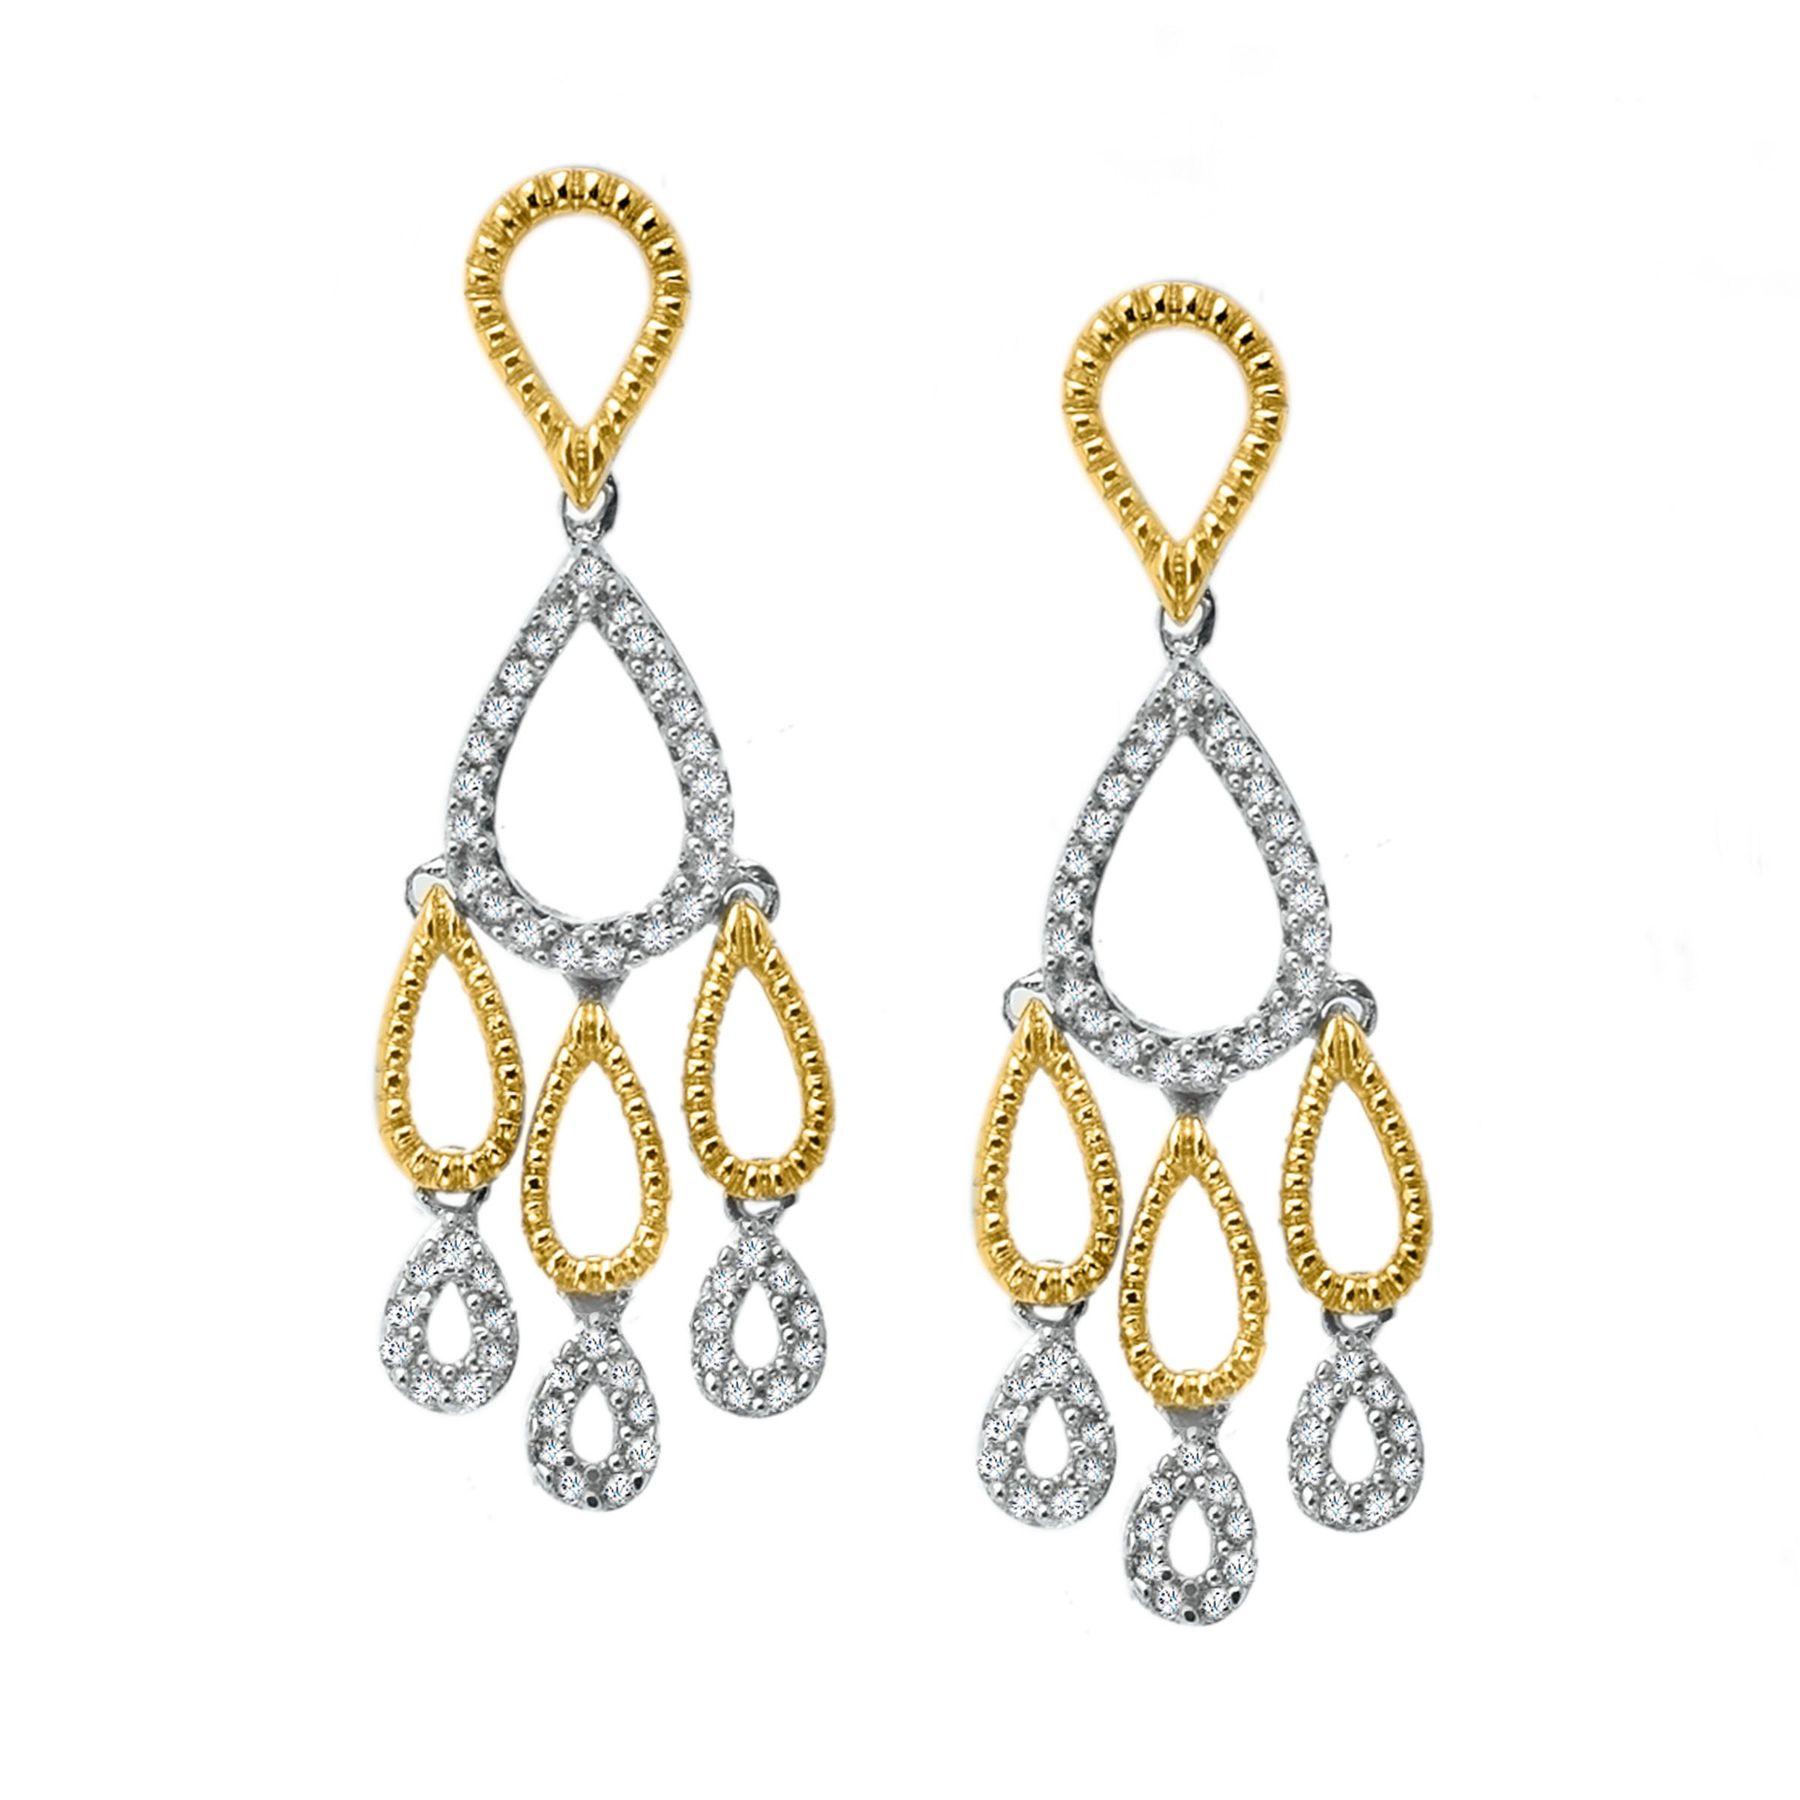 1 3 Ct Diamond Chandelier Earrings